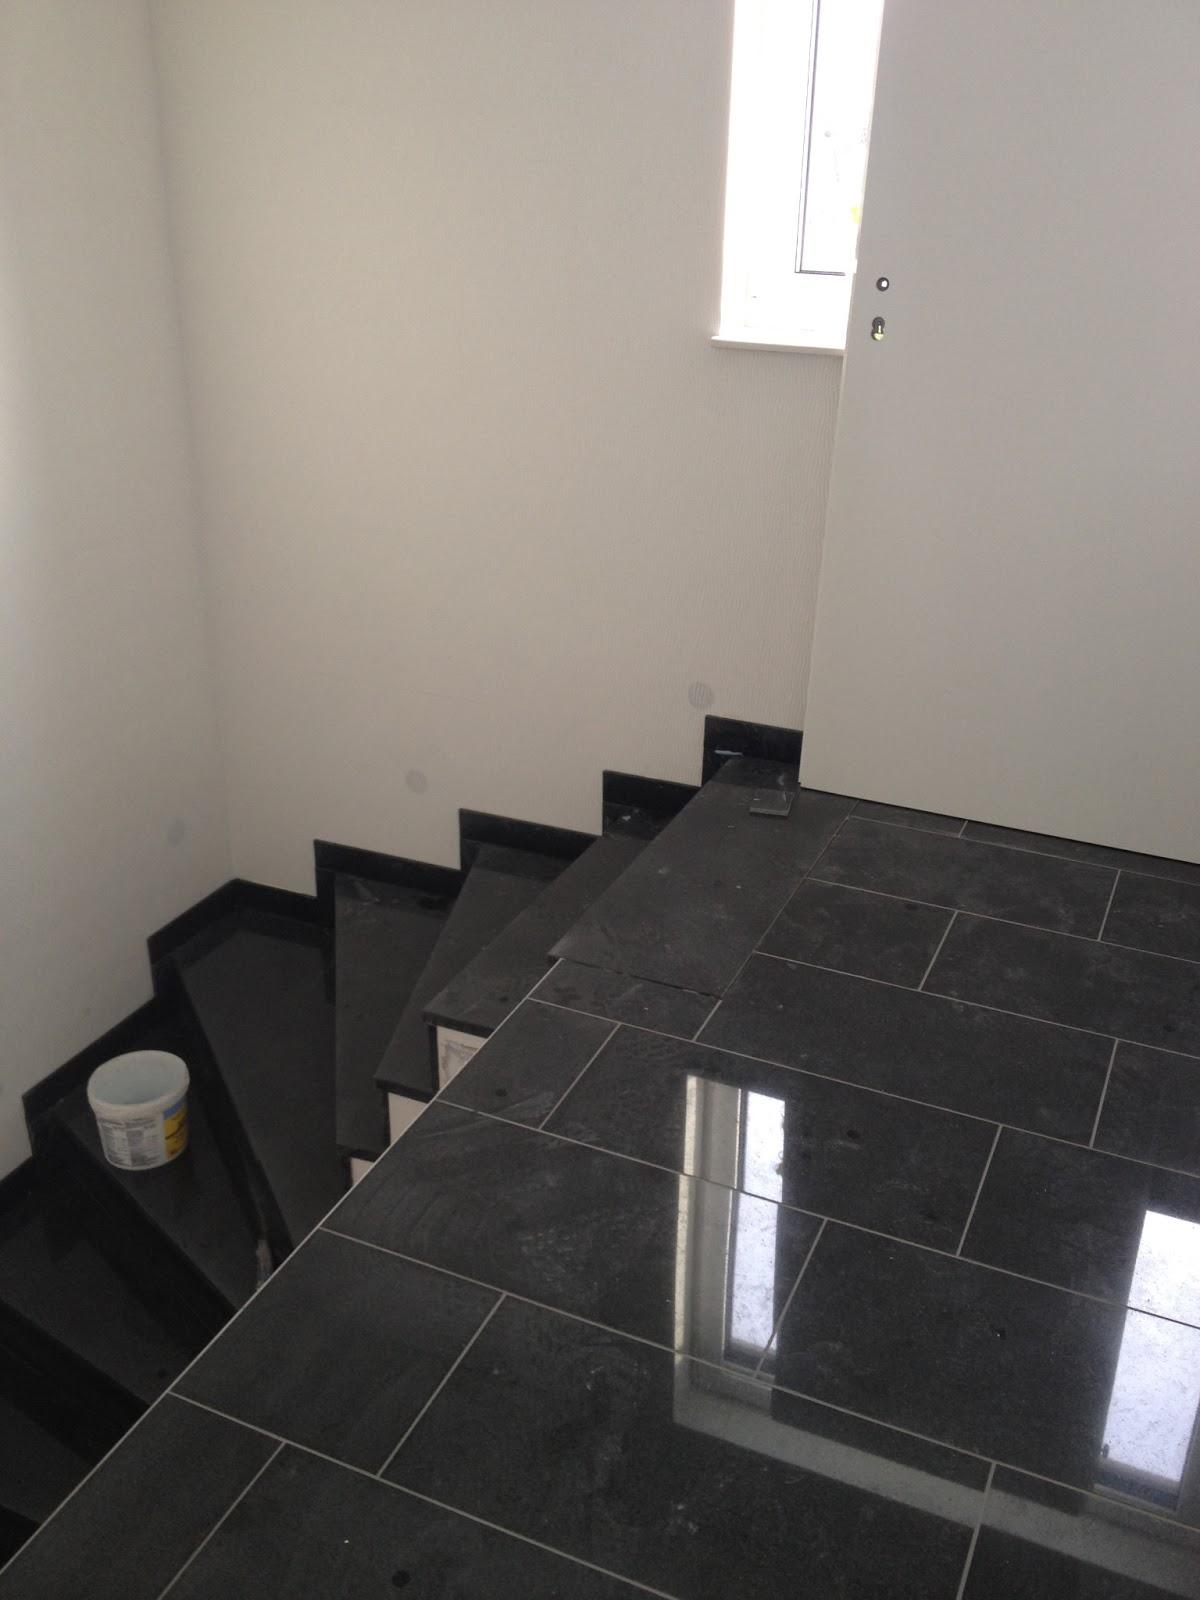 sicher ins eigenheim wir bauen ein haus. Black Bedroom Furniture Sets. Home Design Ideas